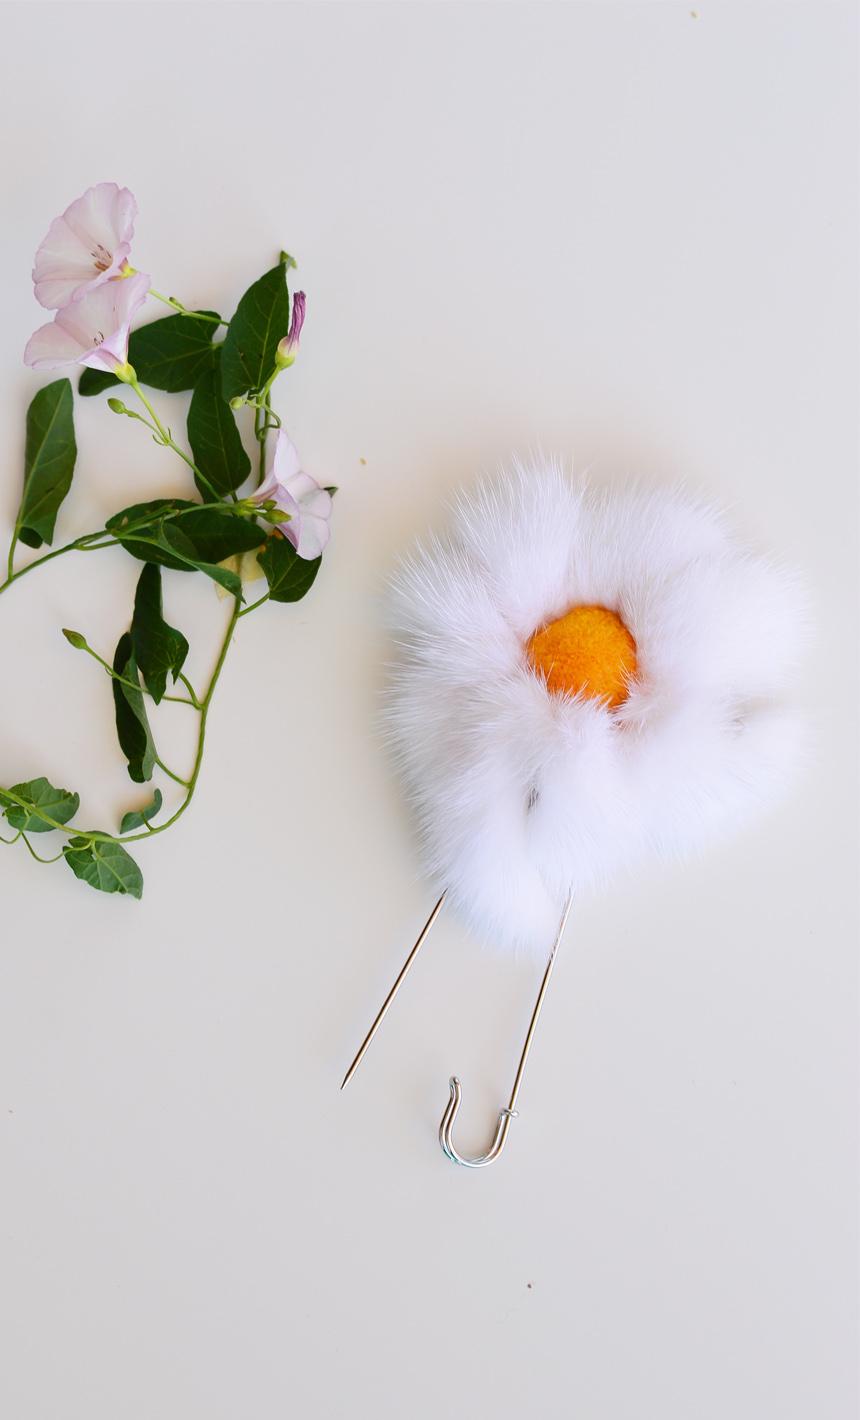 Spilla a fiore: spillone in pelliccia di visone con petali bianchi